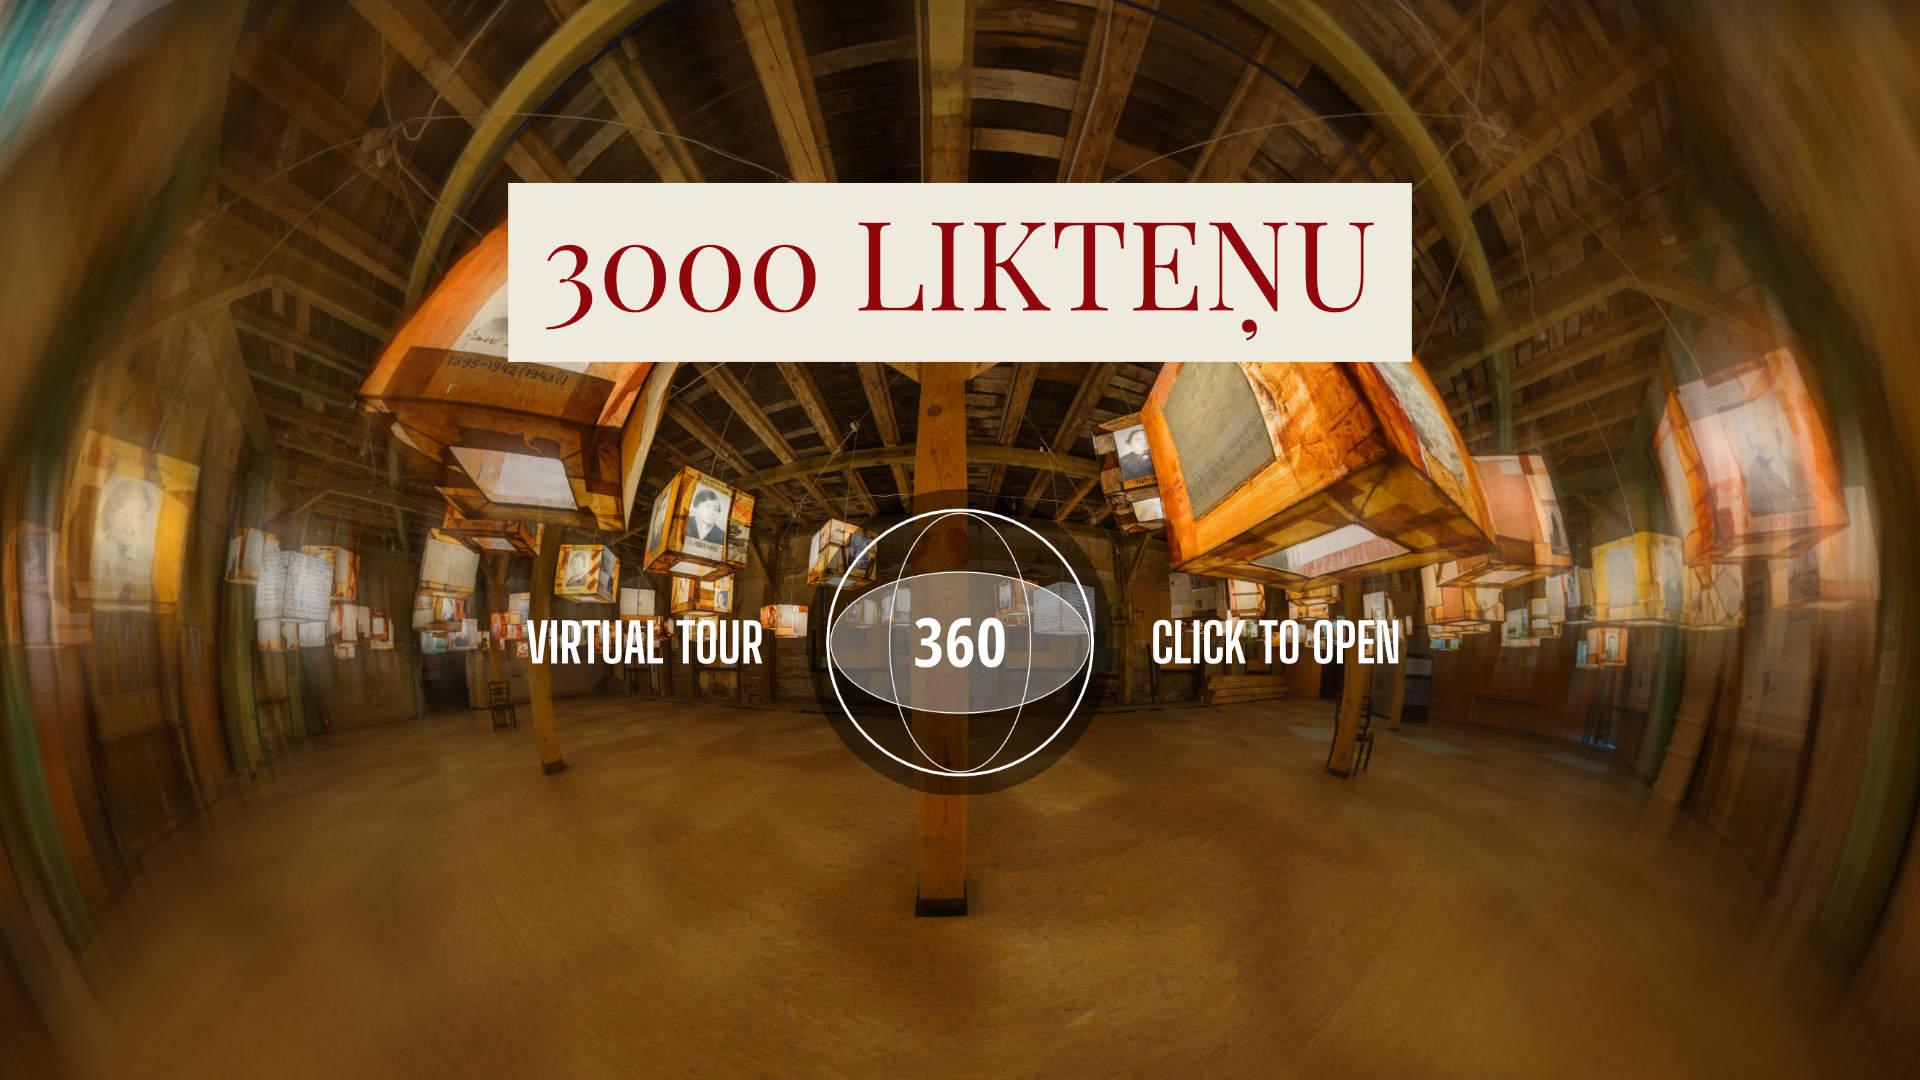 3000 likteņu